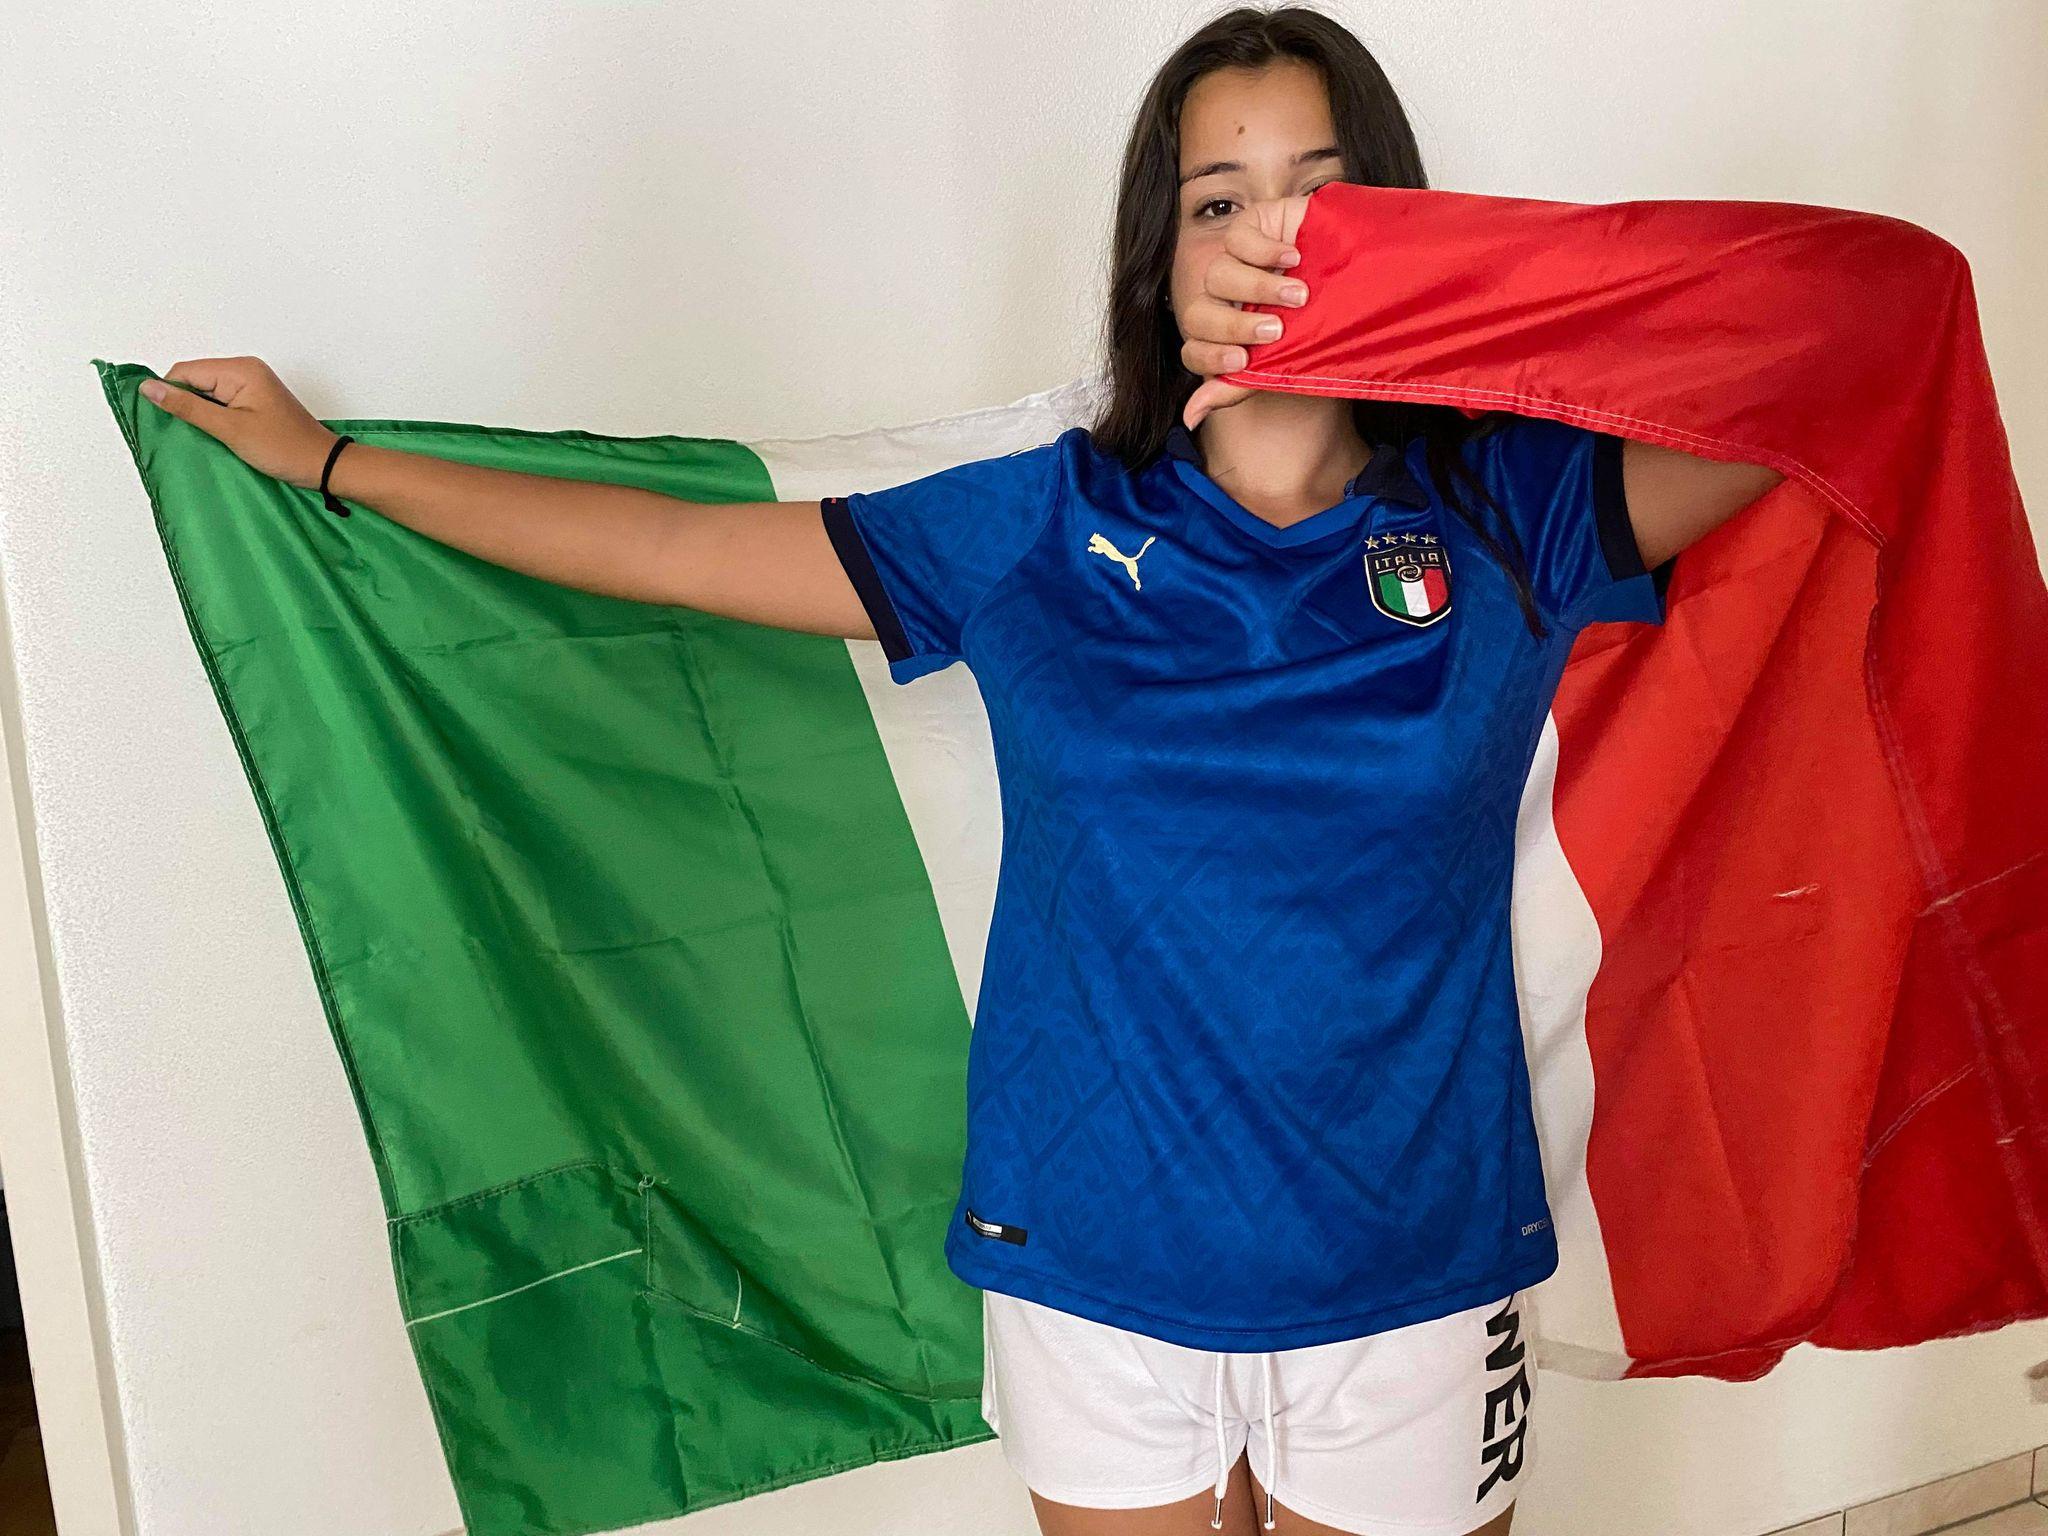 Giulia vince la nuova maglia della Nazionale, altre maglie in palio